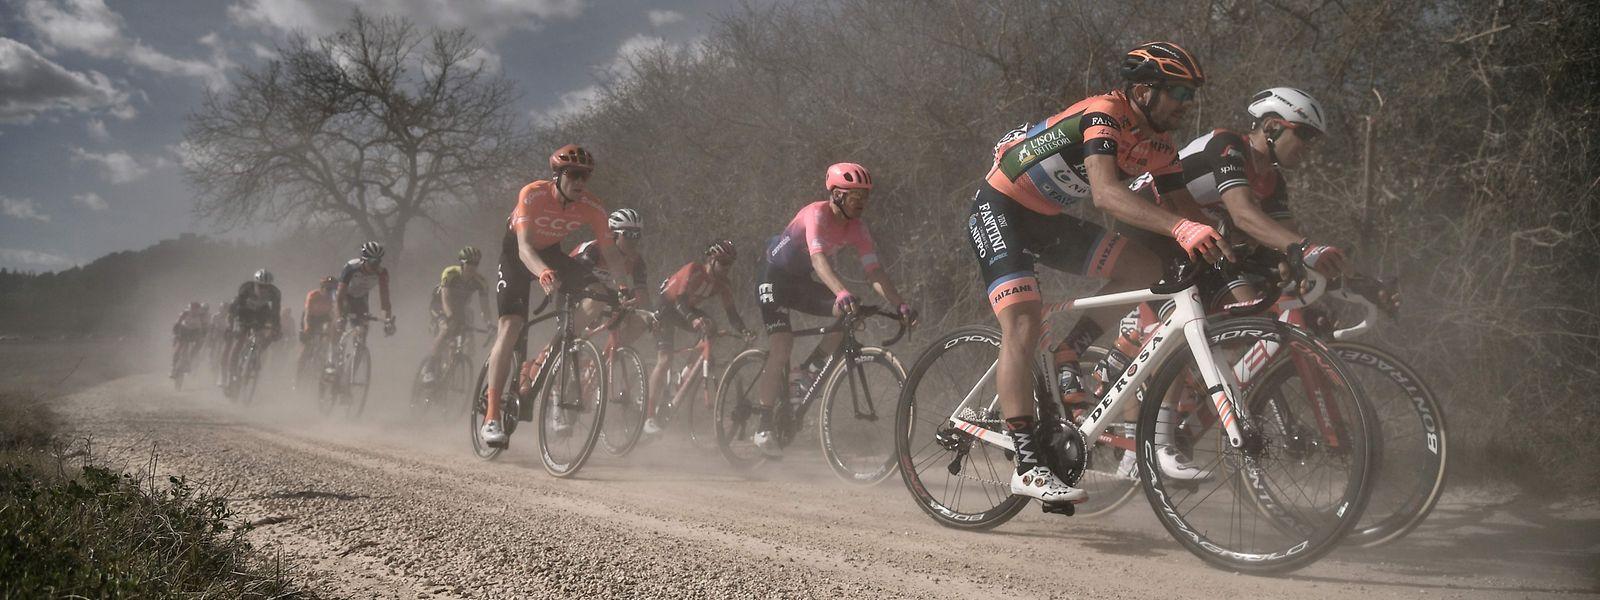 Les Strade Bianche ouvriront la saison World Tour le 1er août